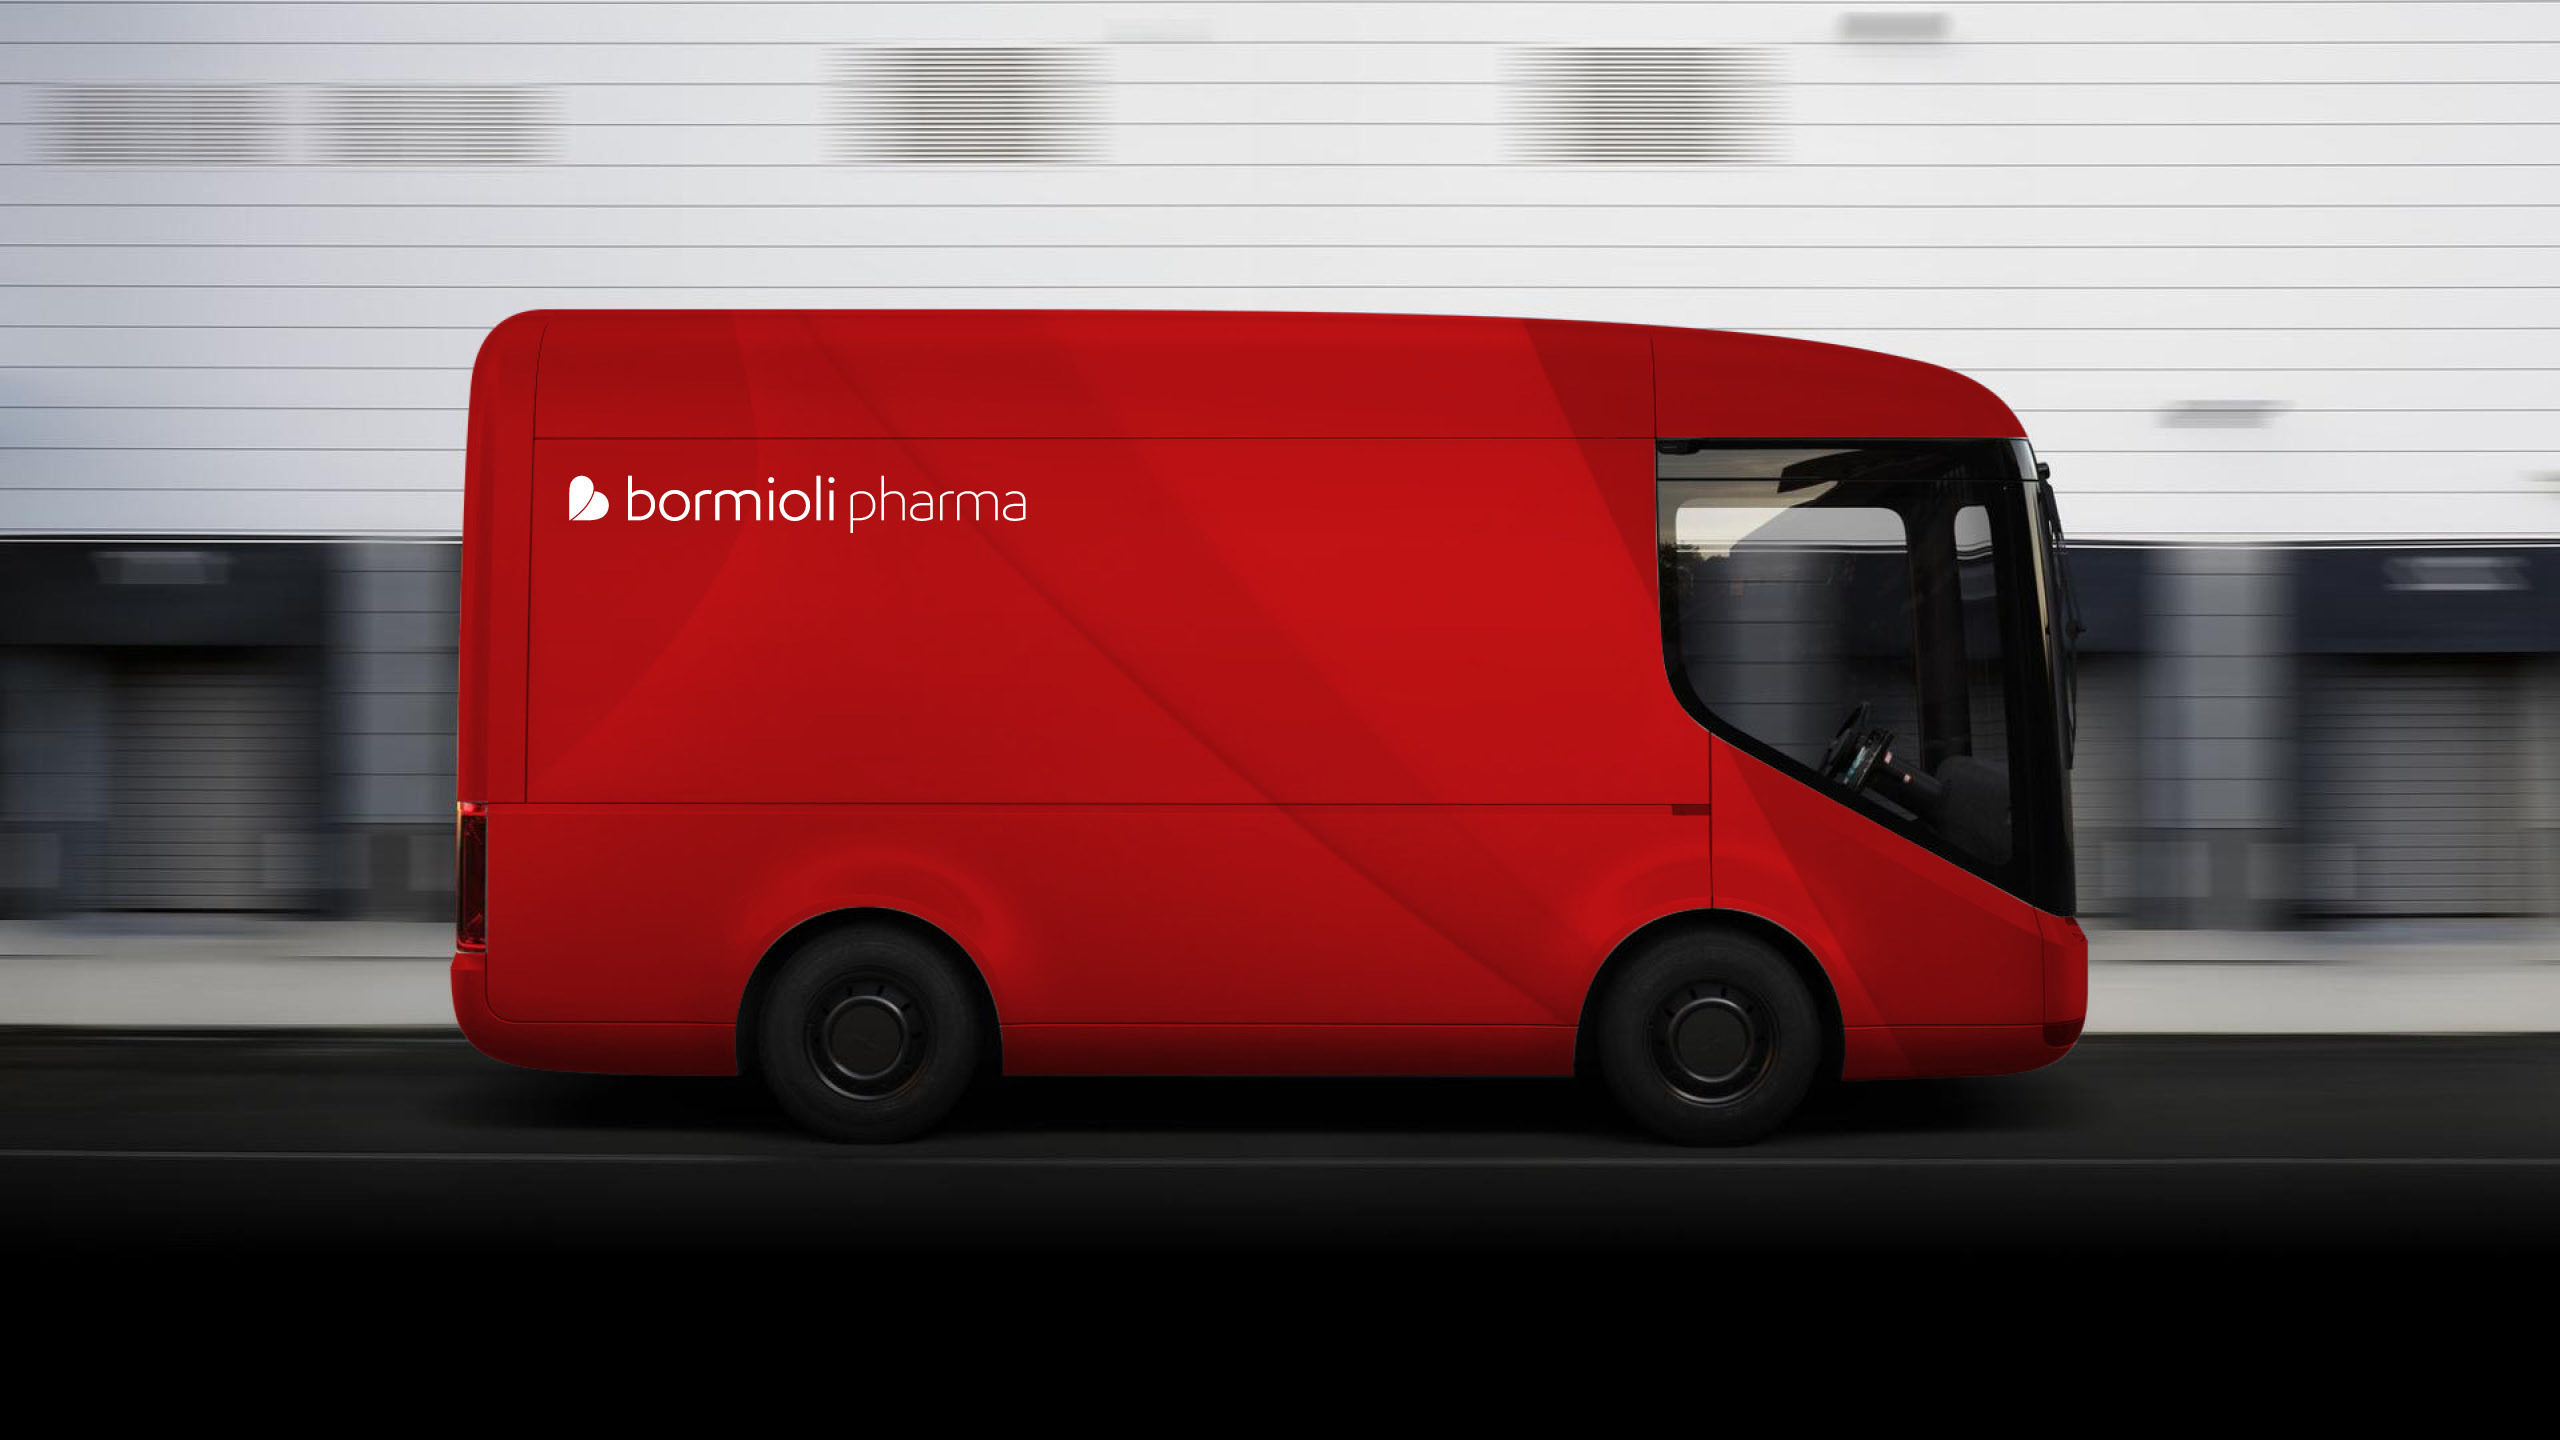 Bormioli-images_1